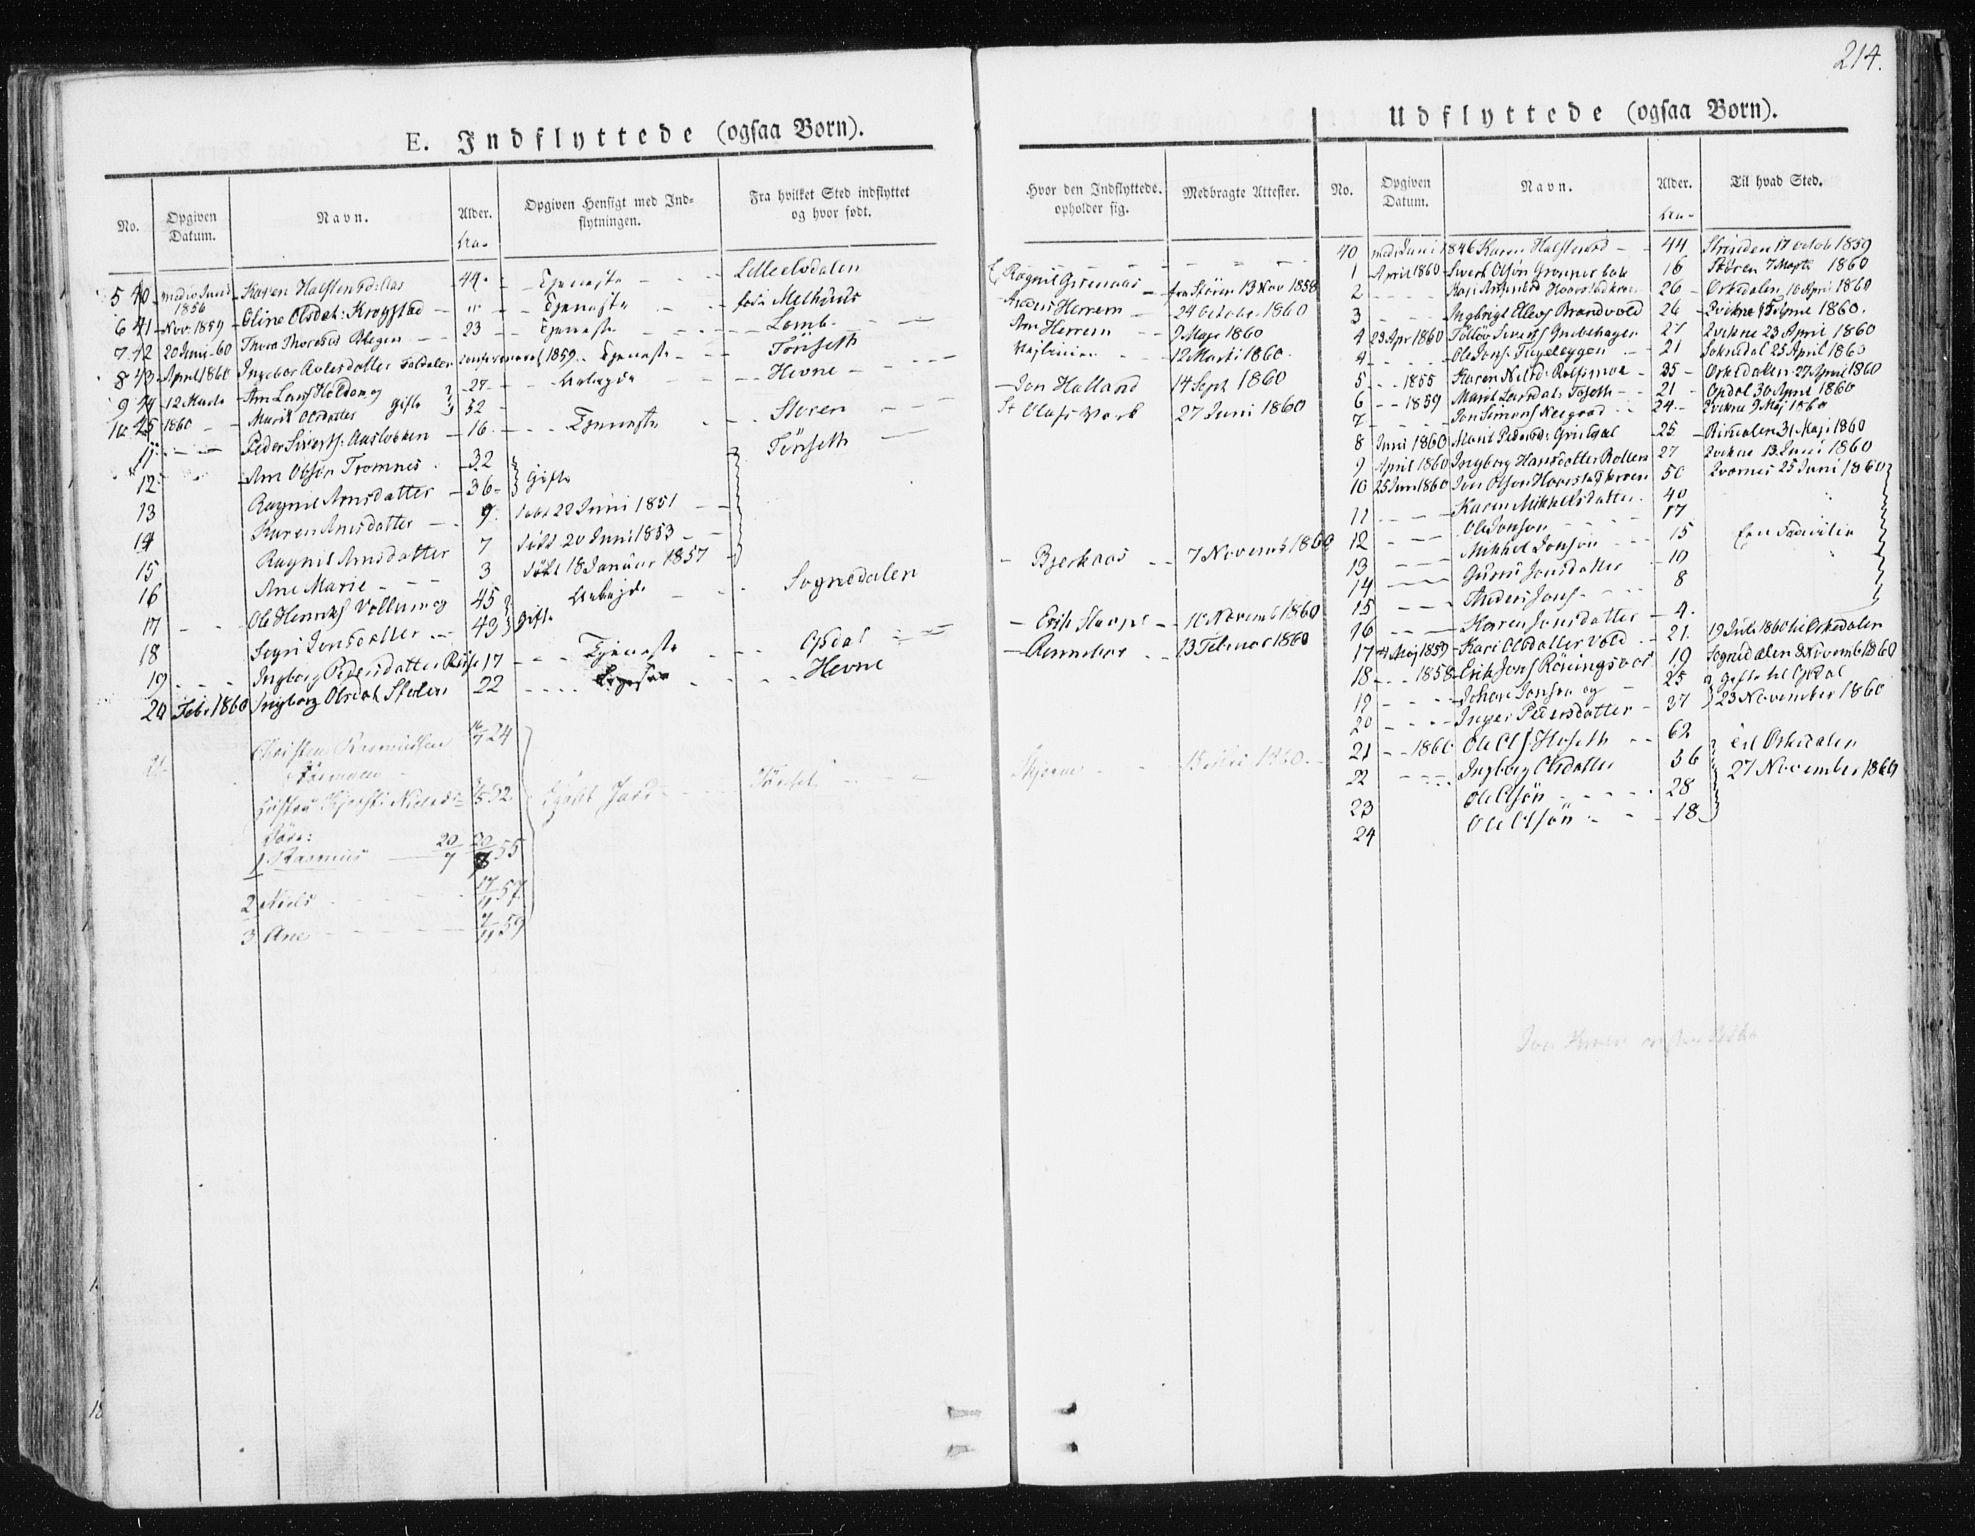 SAT, Ministerialprotokoller, klokkerbøker og fødselsregistre - Sør-Trøndelag, 674/L0869: Ministerialbok nr. 674A01, 1829-1860, s. 214